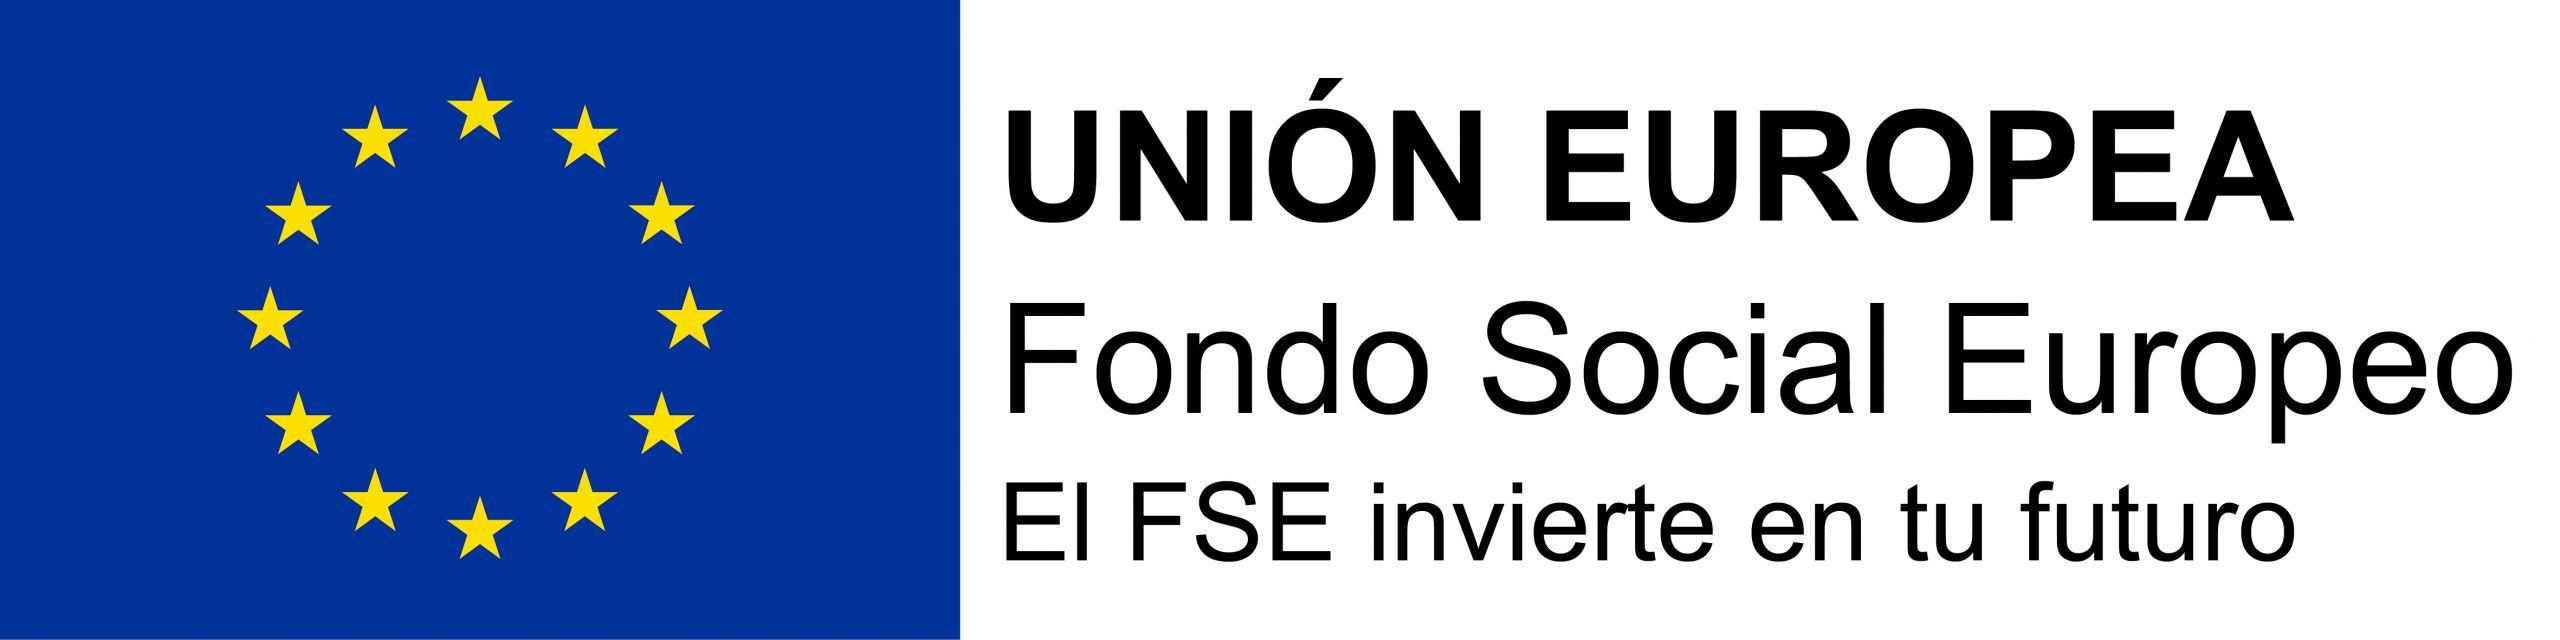 FONDO SOCIAL EUROPEO scaled